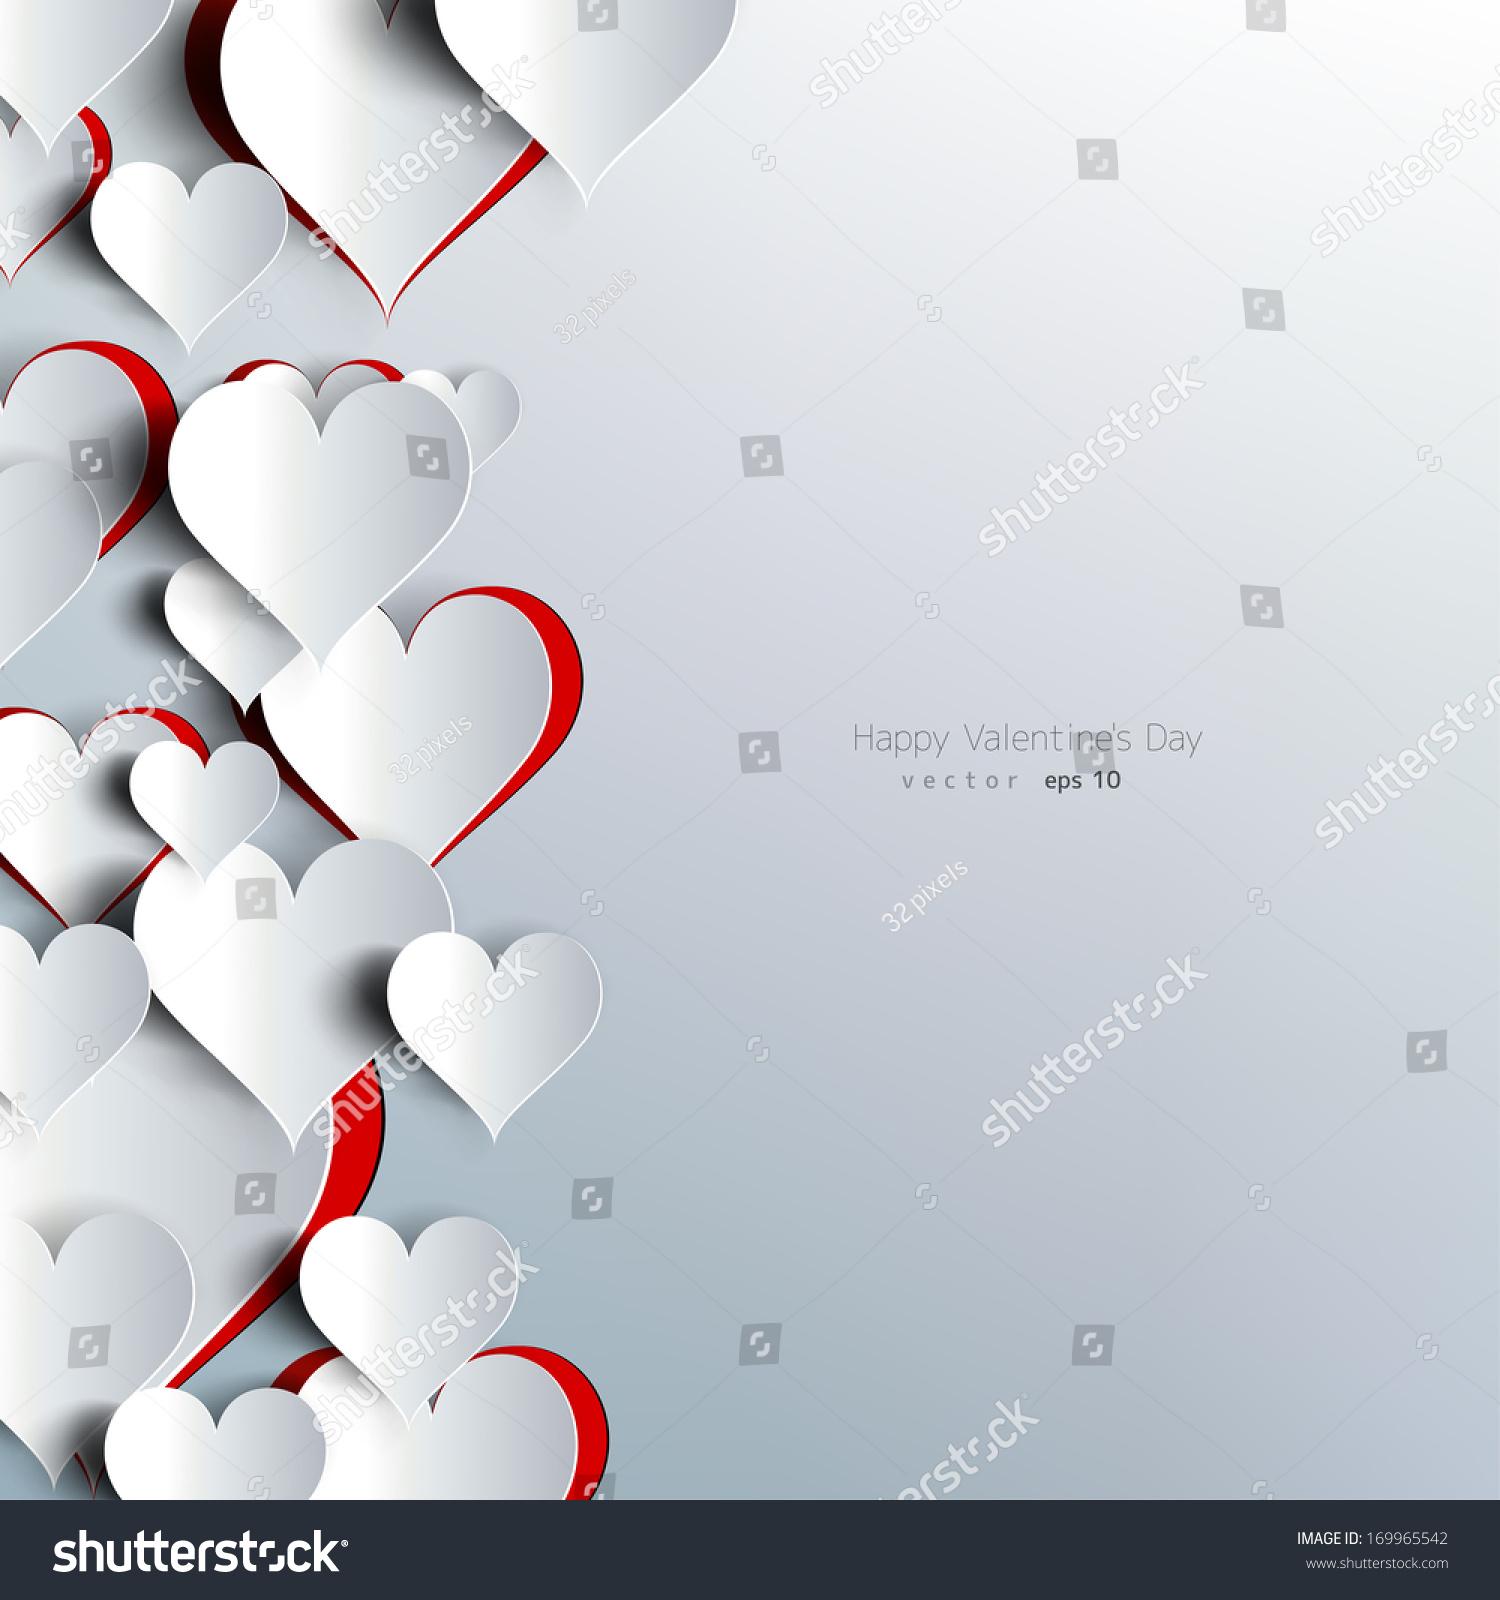 Online Görsel ve Fotoğraf Editörü - Shutterstock Editor